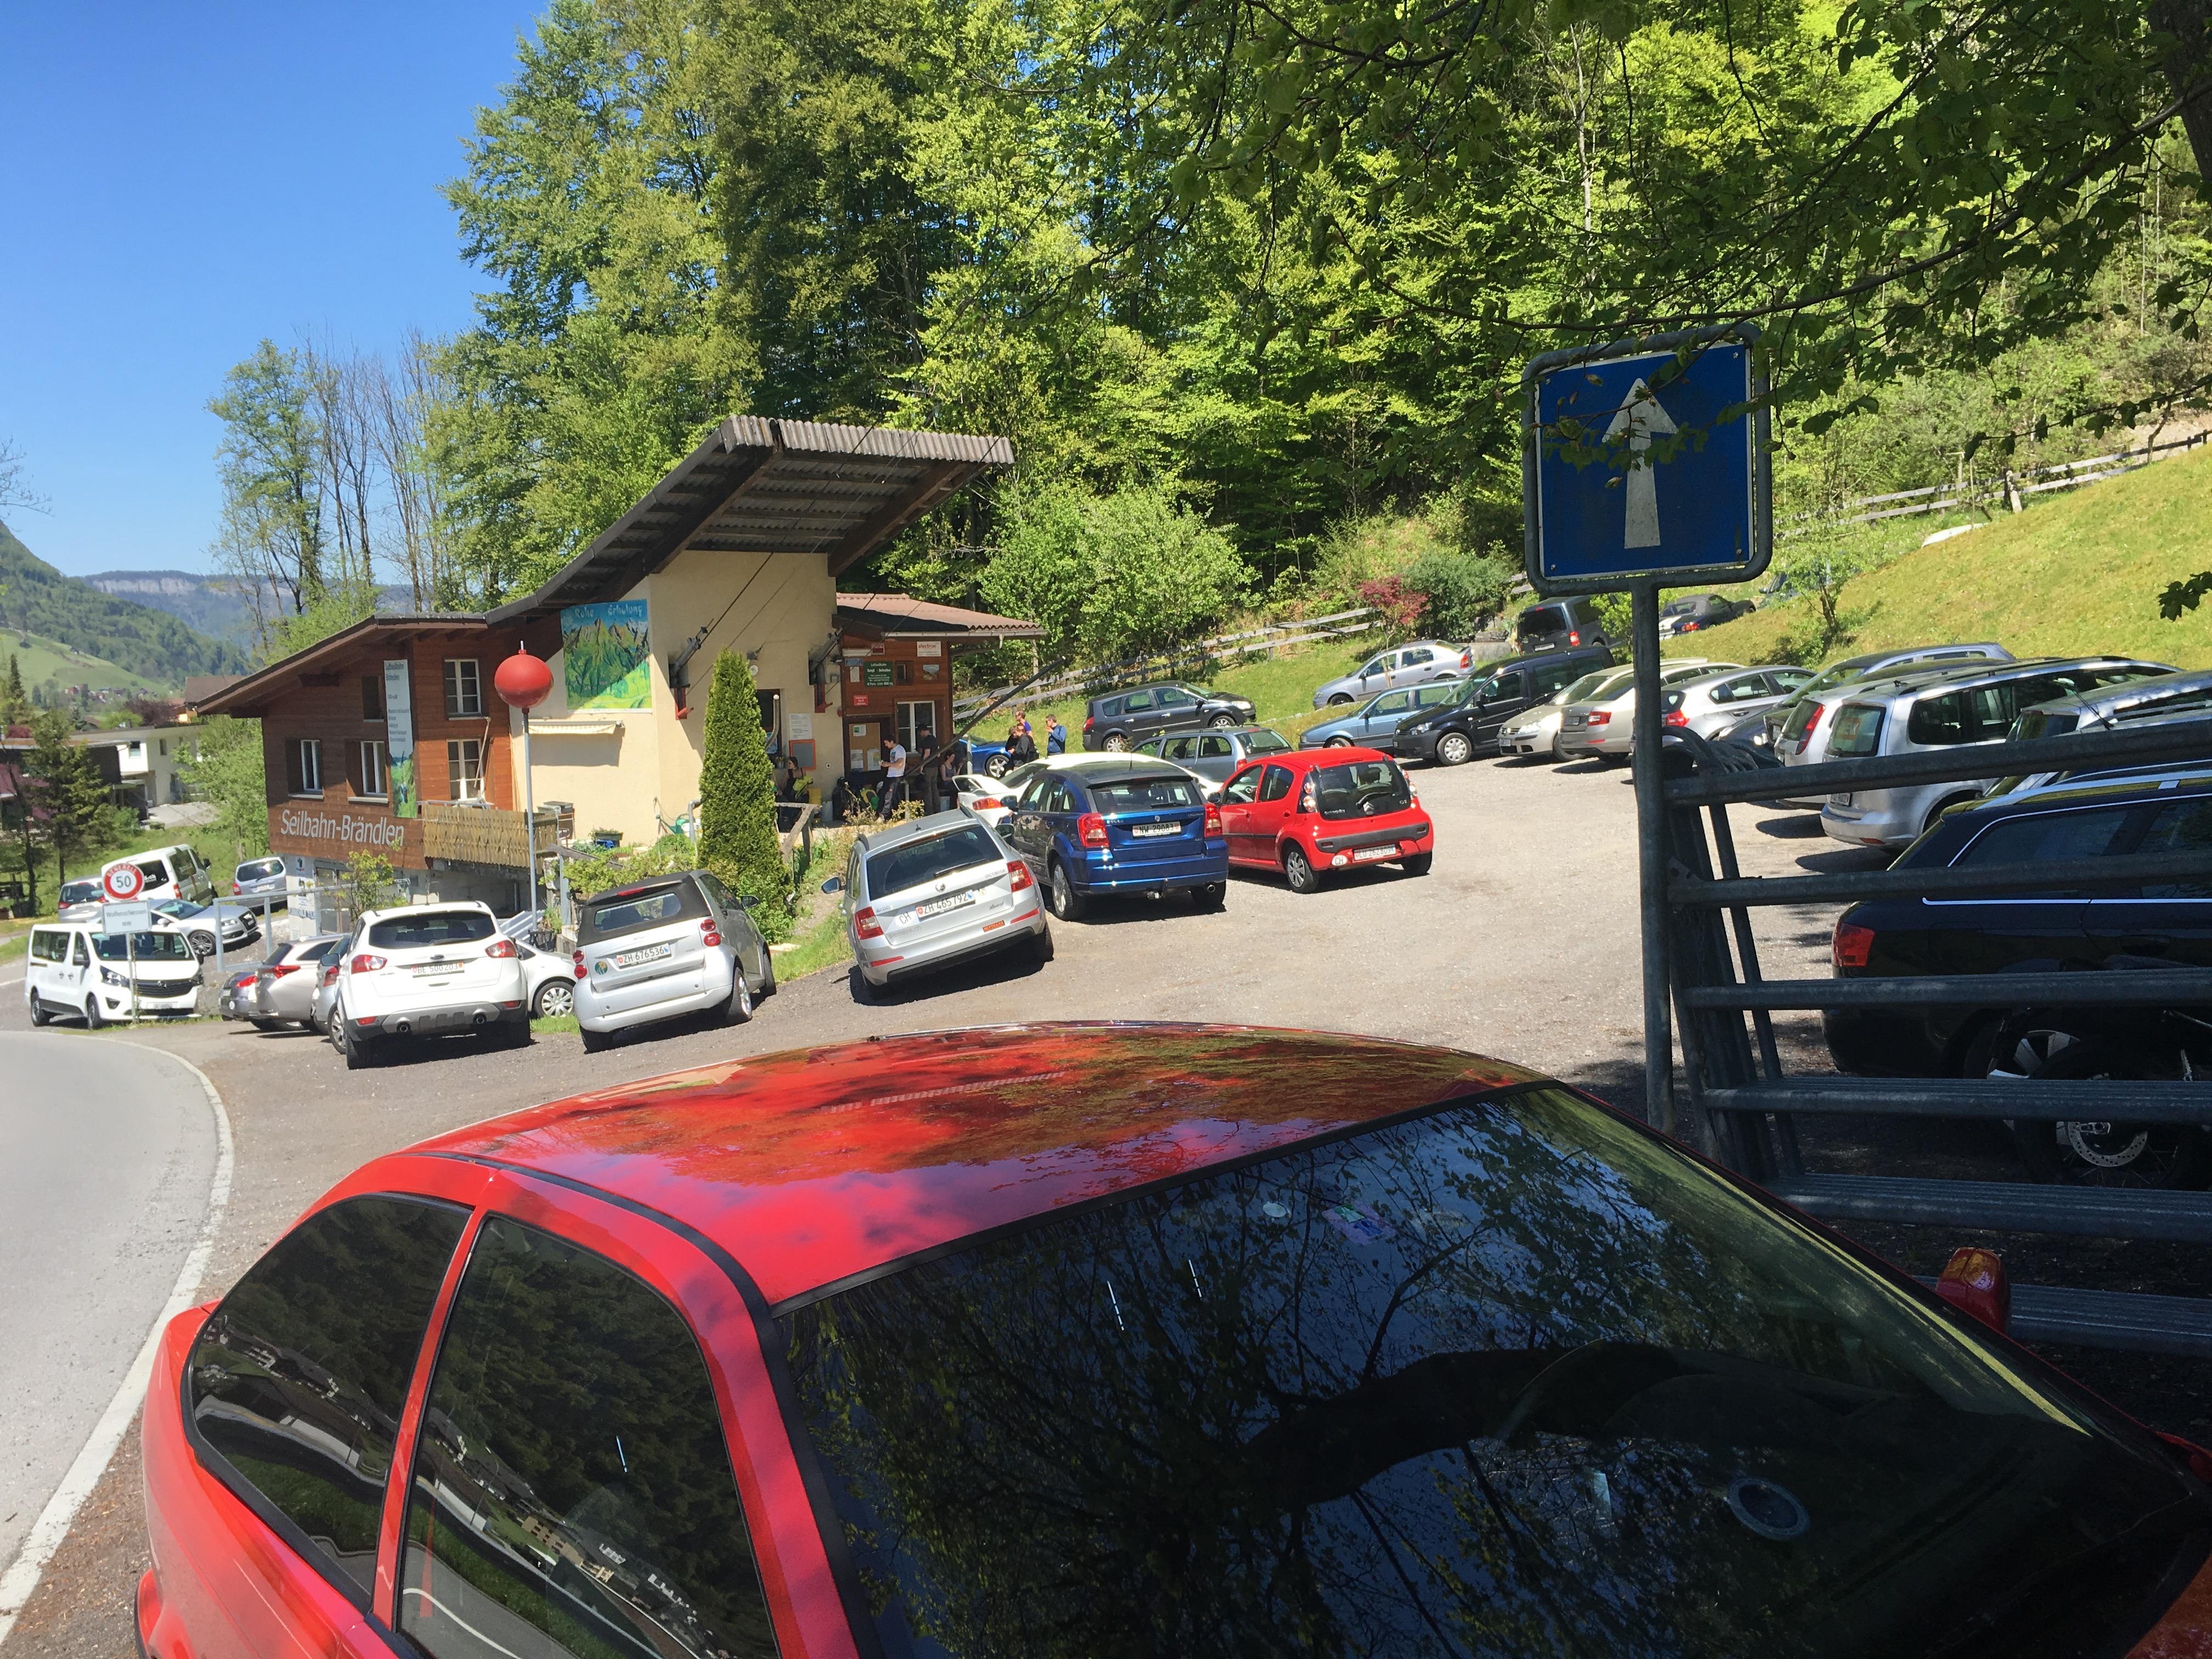 Parkplatz im Tal